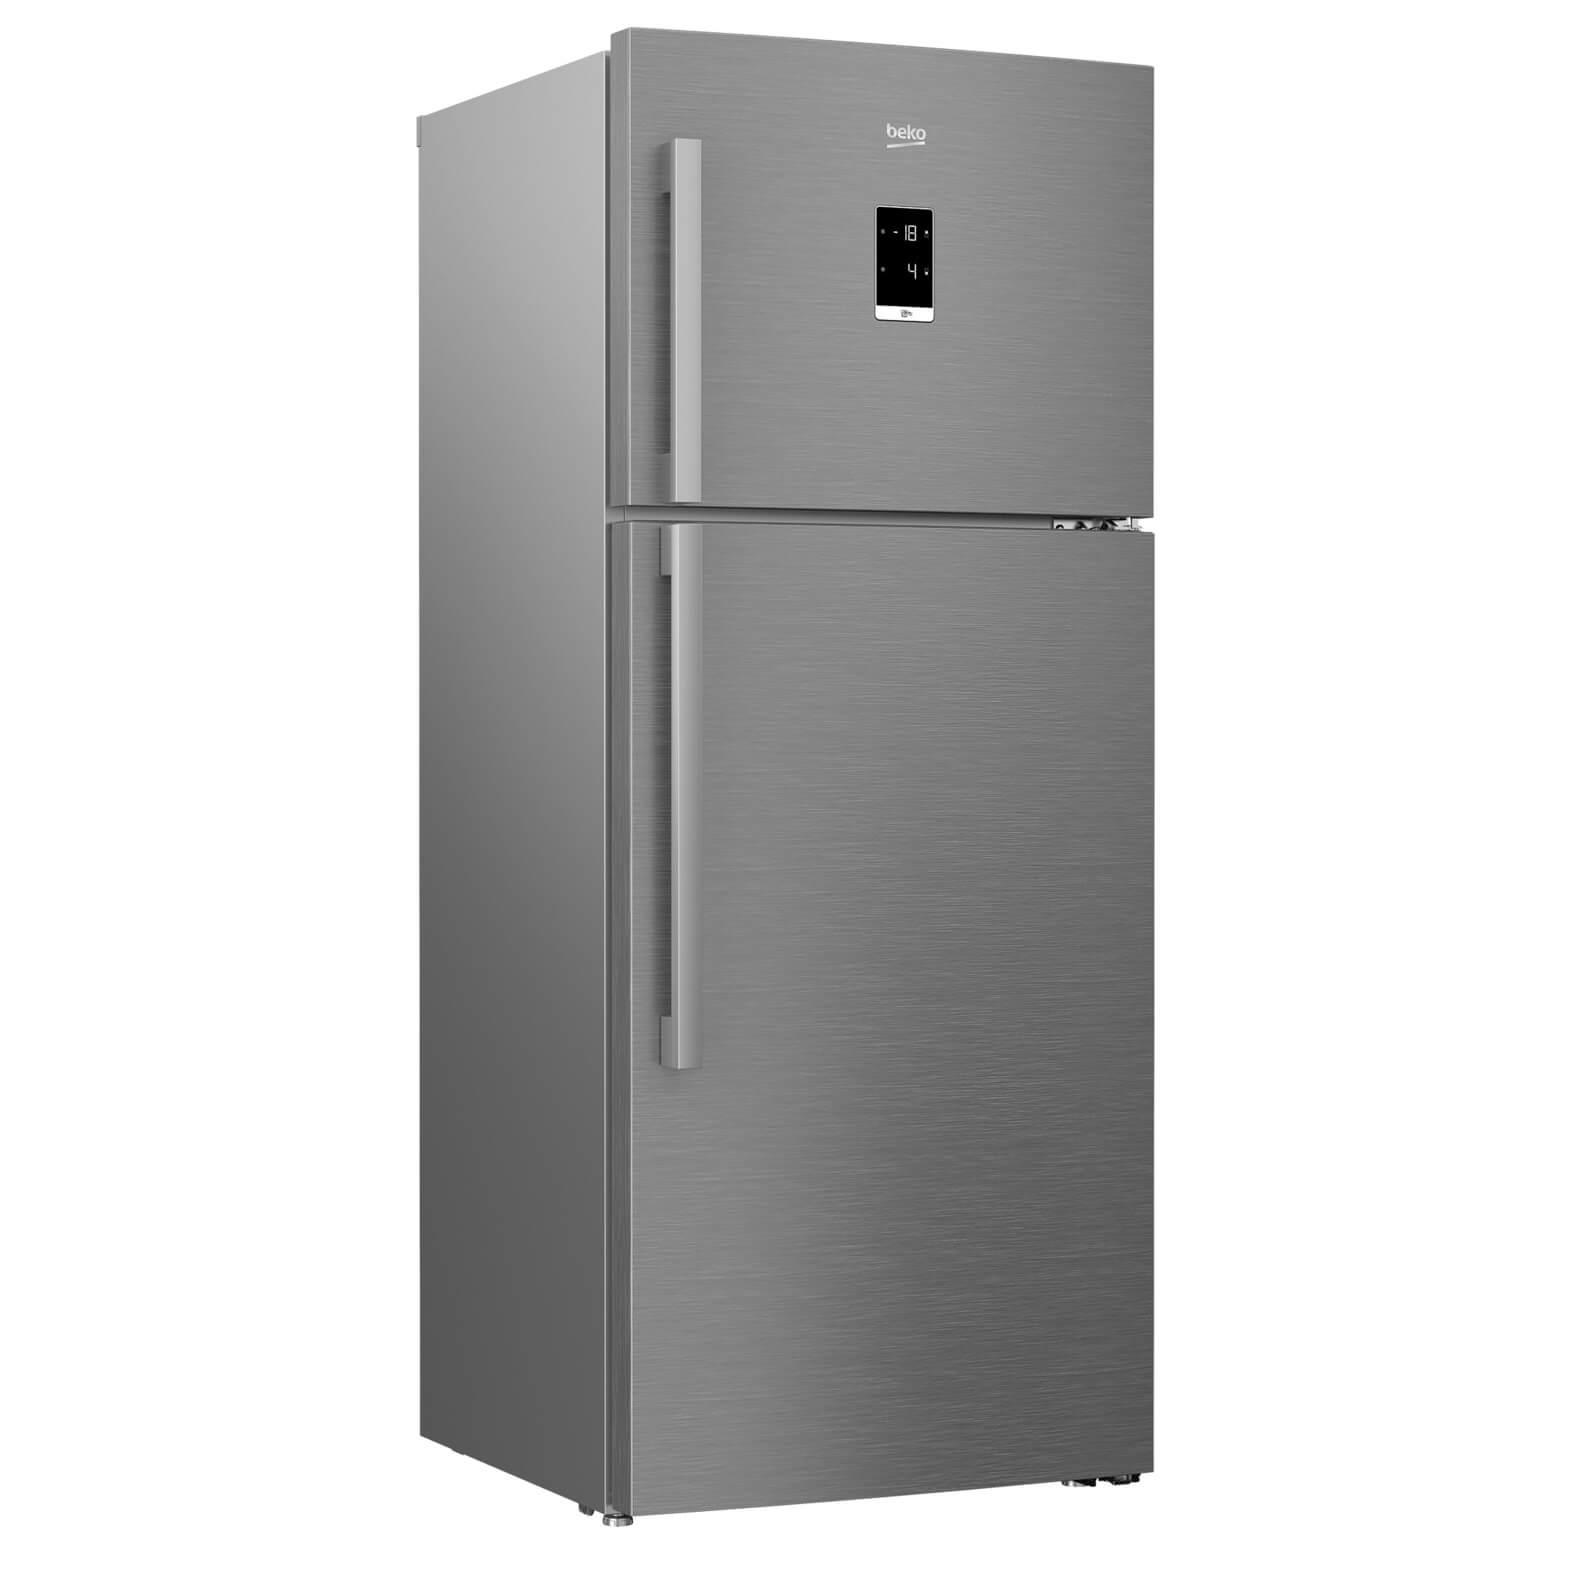 Beko 974561 EI buzdolabi